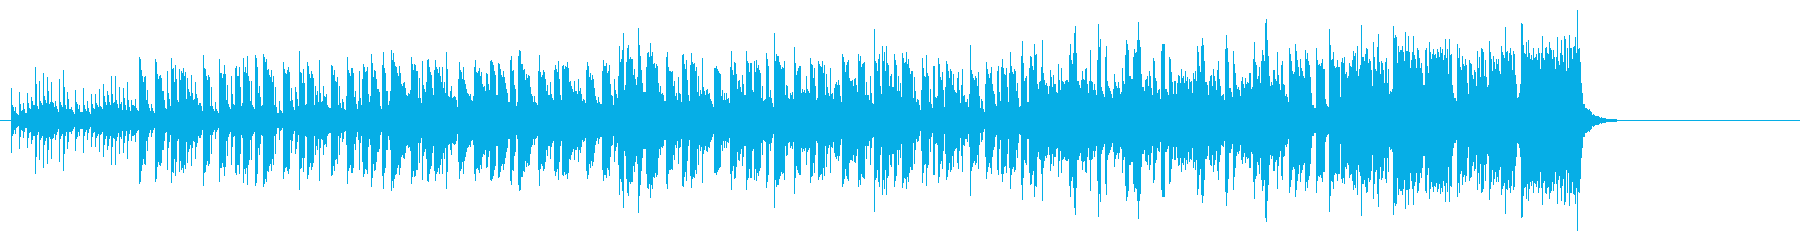 滑稽で怪しい淡々としたBGMの再生済みの波形